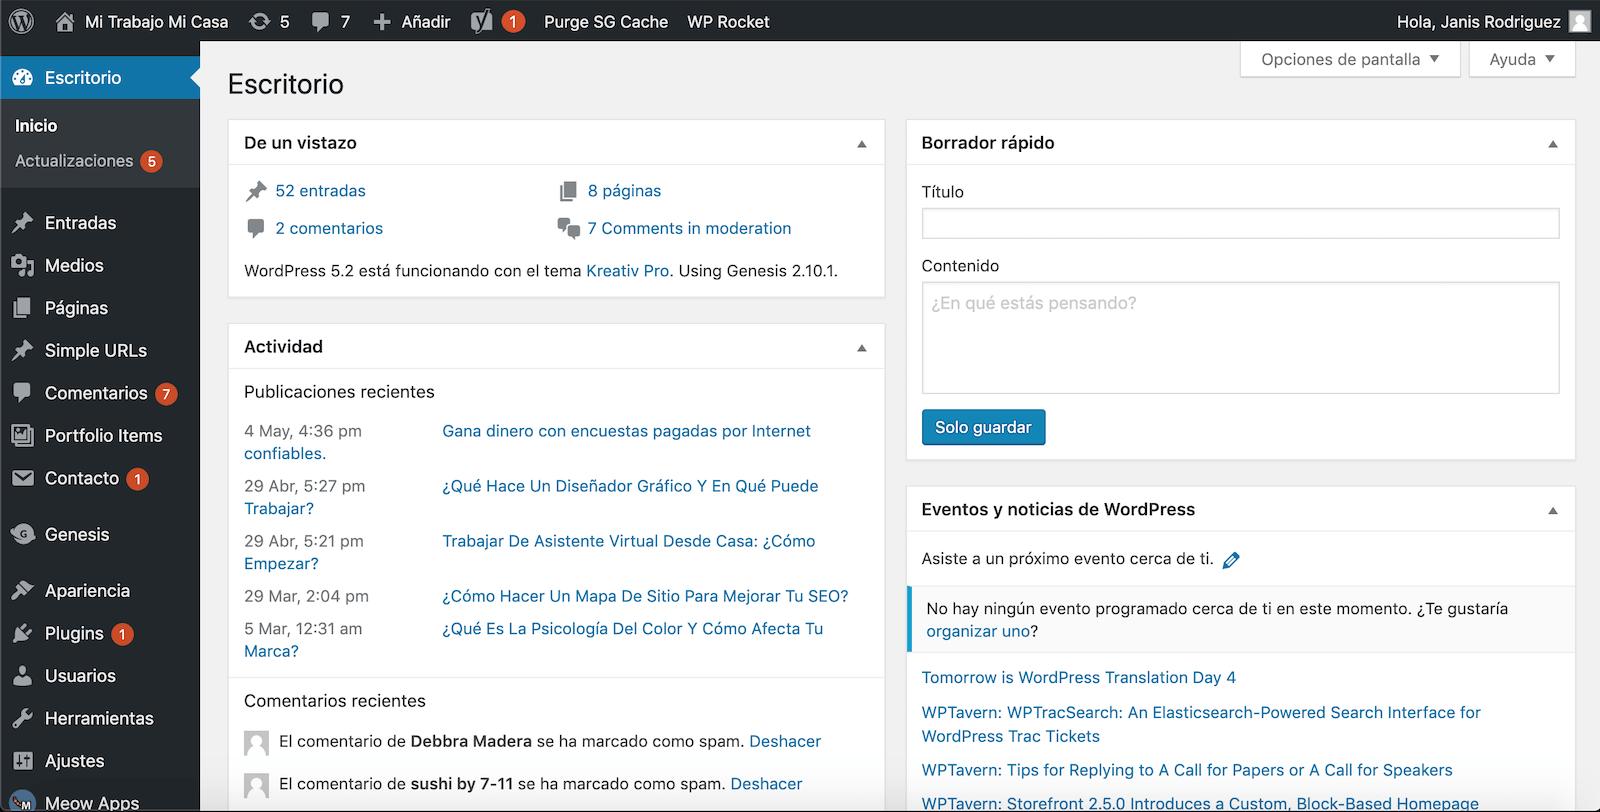 Escritorio - cómo usar WordPress